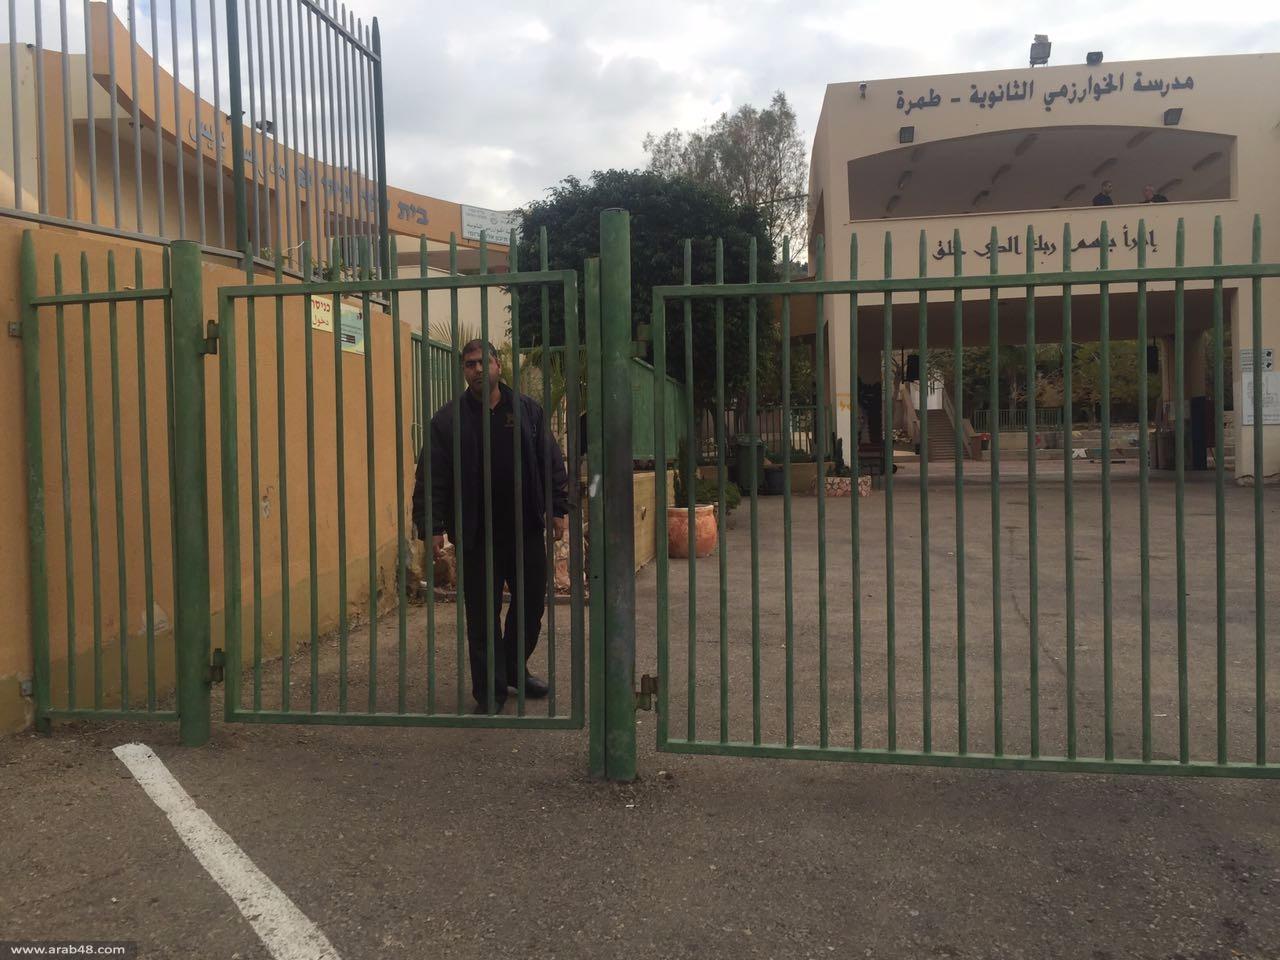 طمرة: إضراب احتجاجي على إلغاء 130 دفتر بجروت